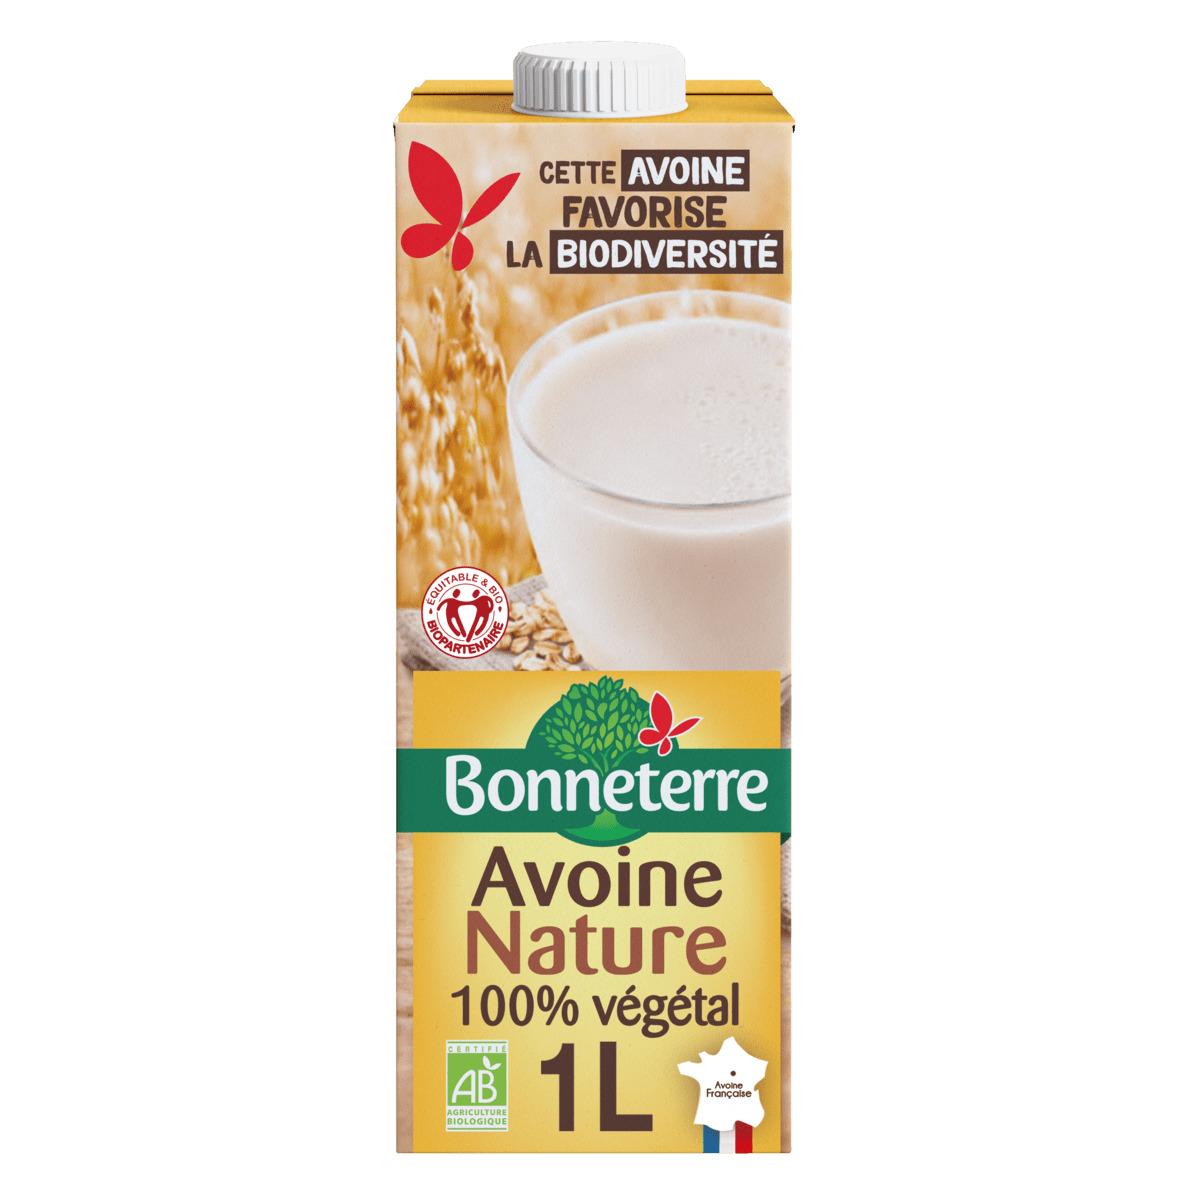 Bonneterre - Boisson Avoine nature 1L